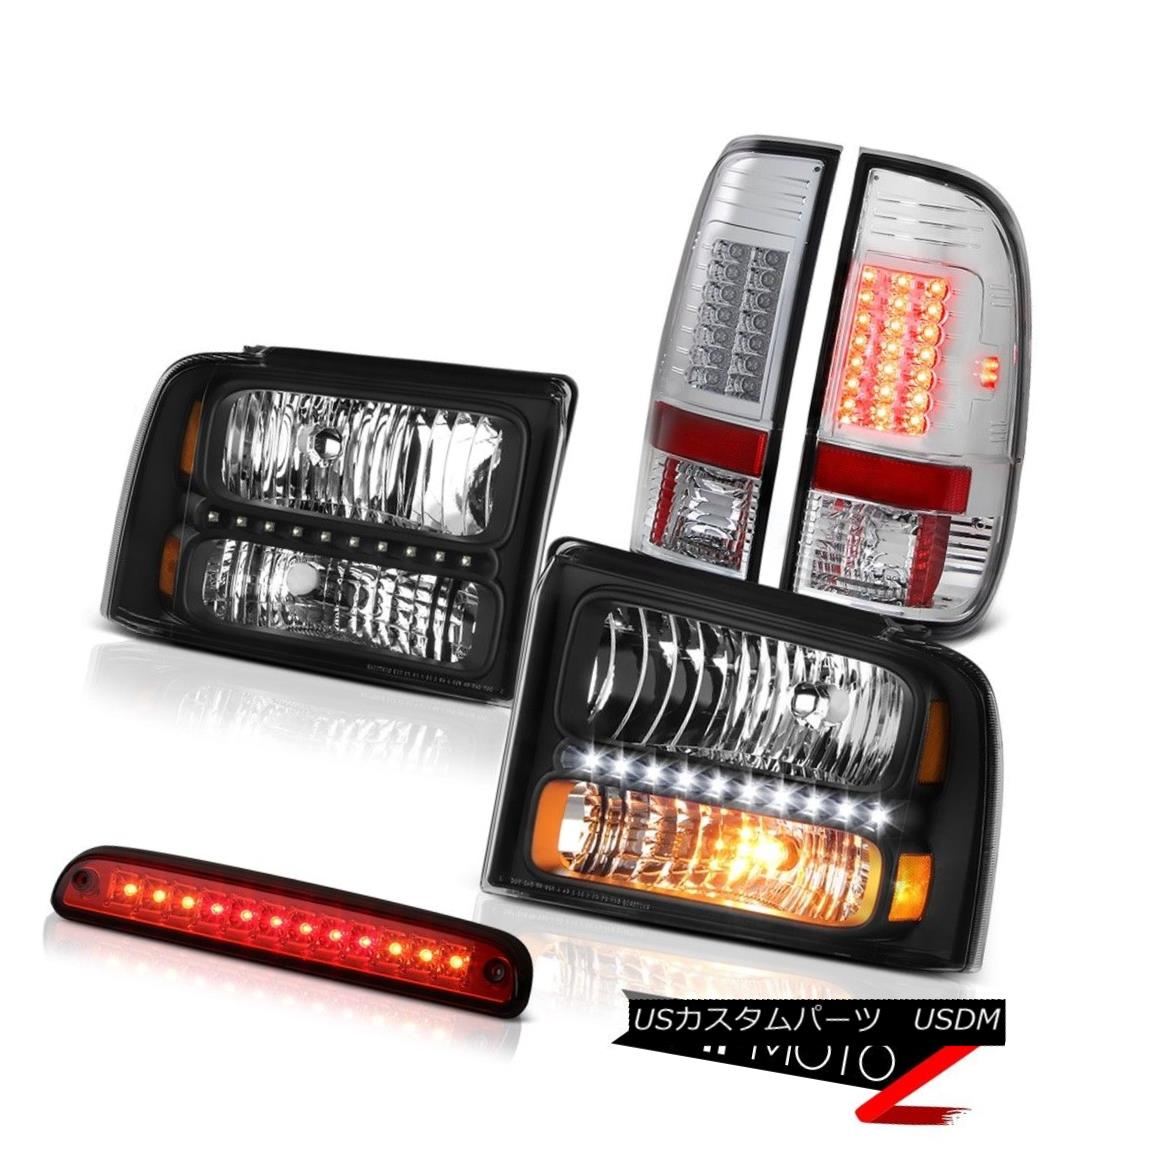 ヘッドライト 05 06 07 Ford F250 Beast Black Headlights Chrome Tail Lamps High Stop LED Red 05 06 07フォードF250ビーストブラックヘッドライトクロームテールランプハイストップLEDレッド